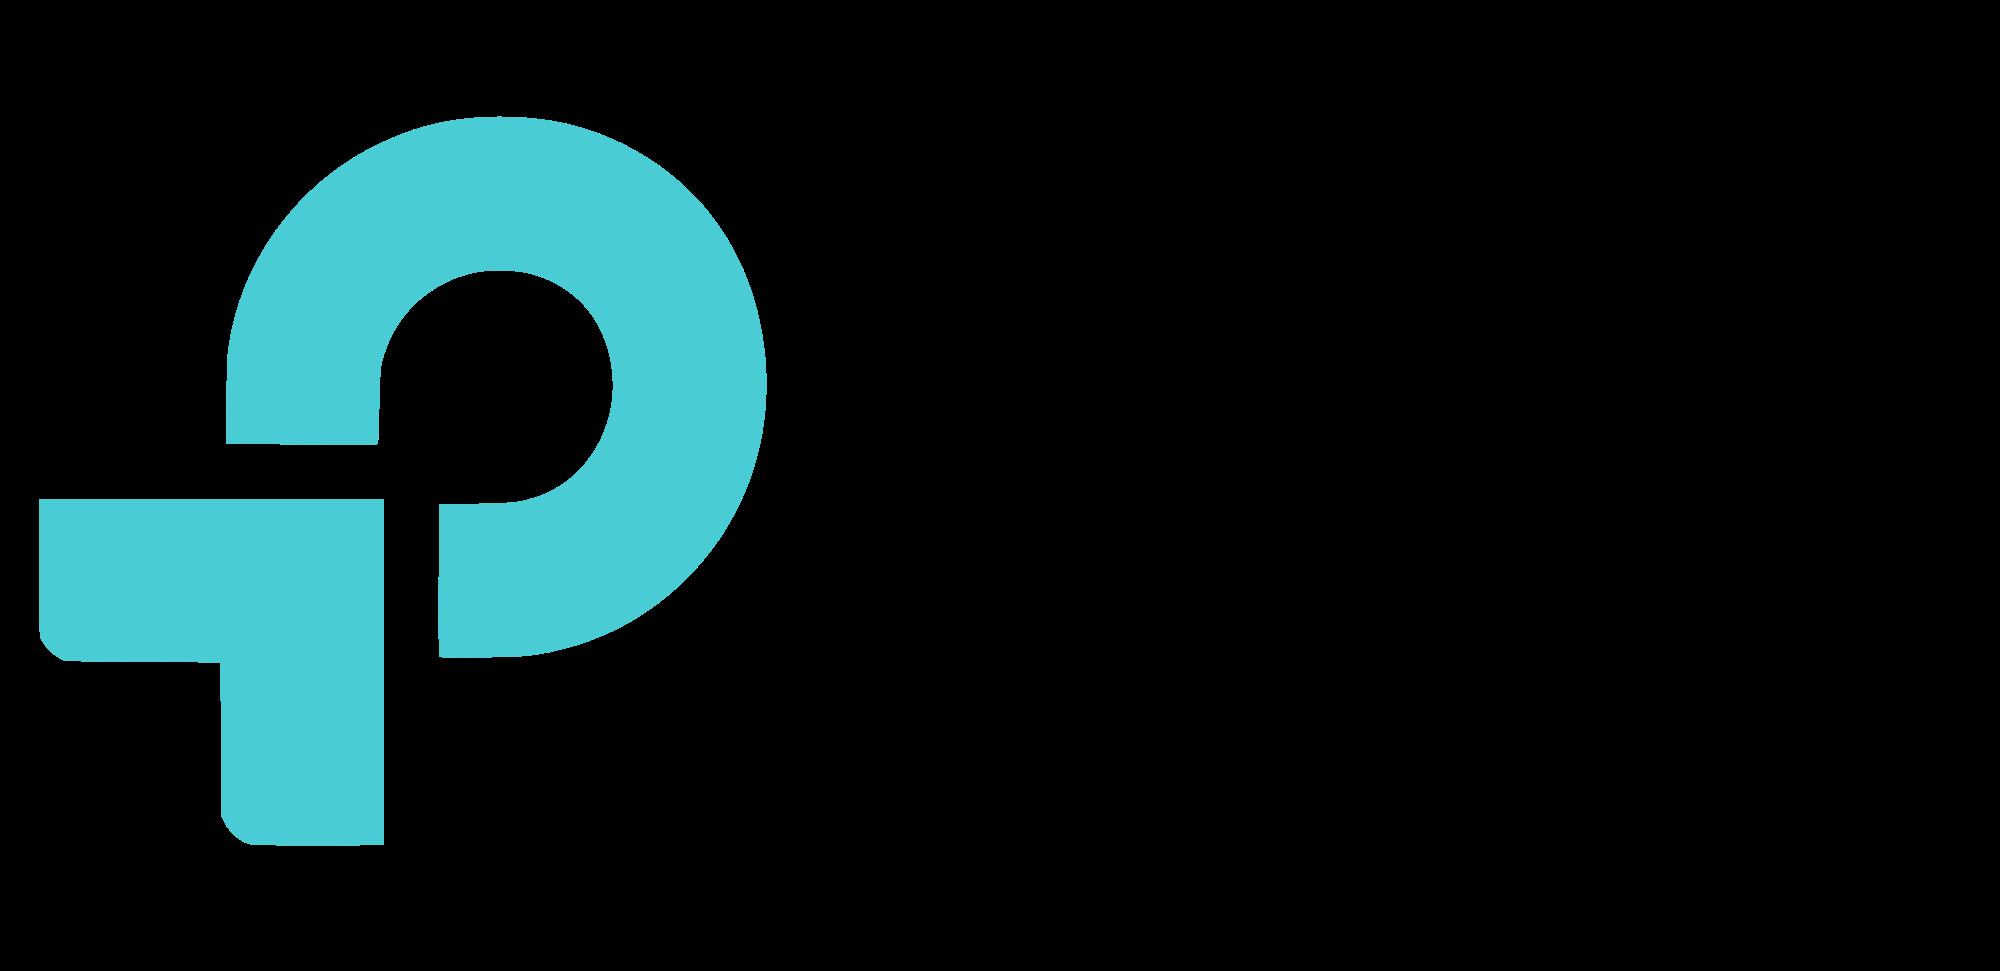 تی پی لینک - Tp-link یک شرکت چینی است که در سال 1996 با هدف تهیه و تولید انواع تجهیزات شبکه تاسیس و شروع به کار کرد . محصولات شرکتتی پی لینک - Tp-link در سراسر دنیا مورد استفاده قرار گرفته